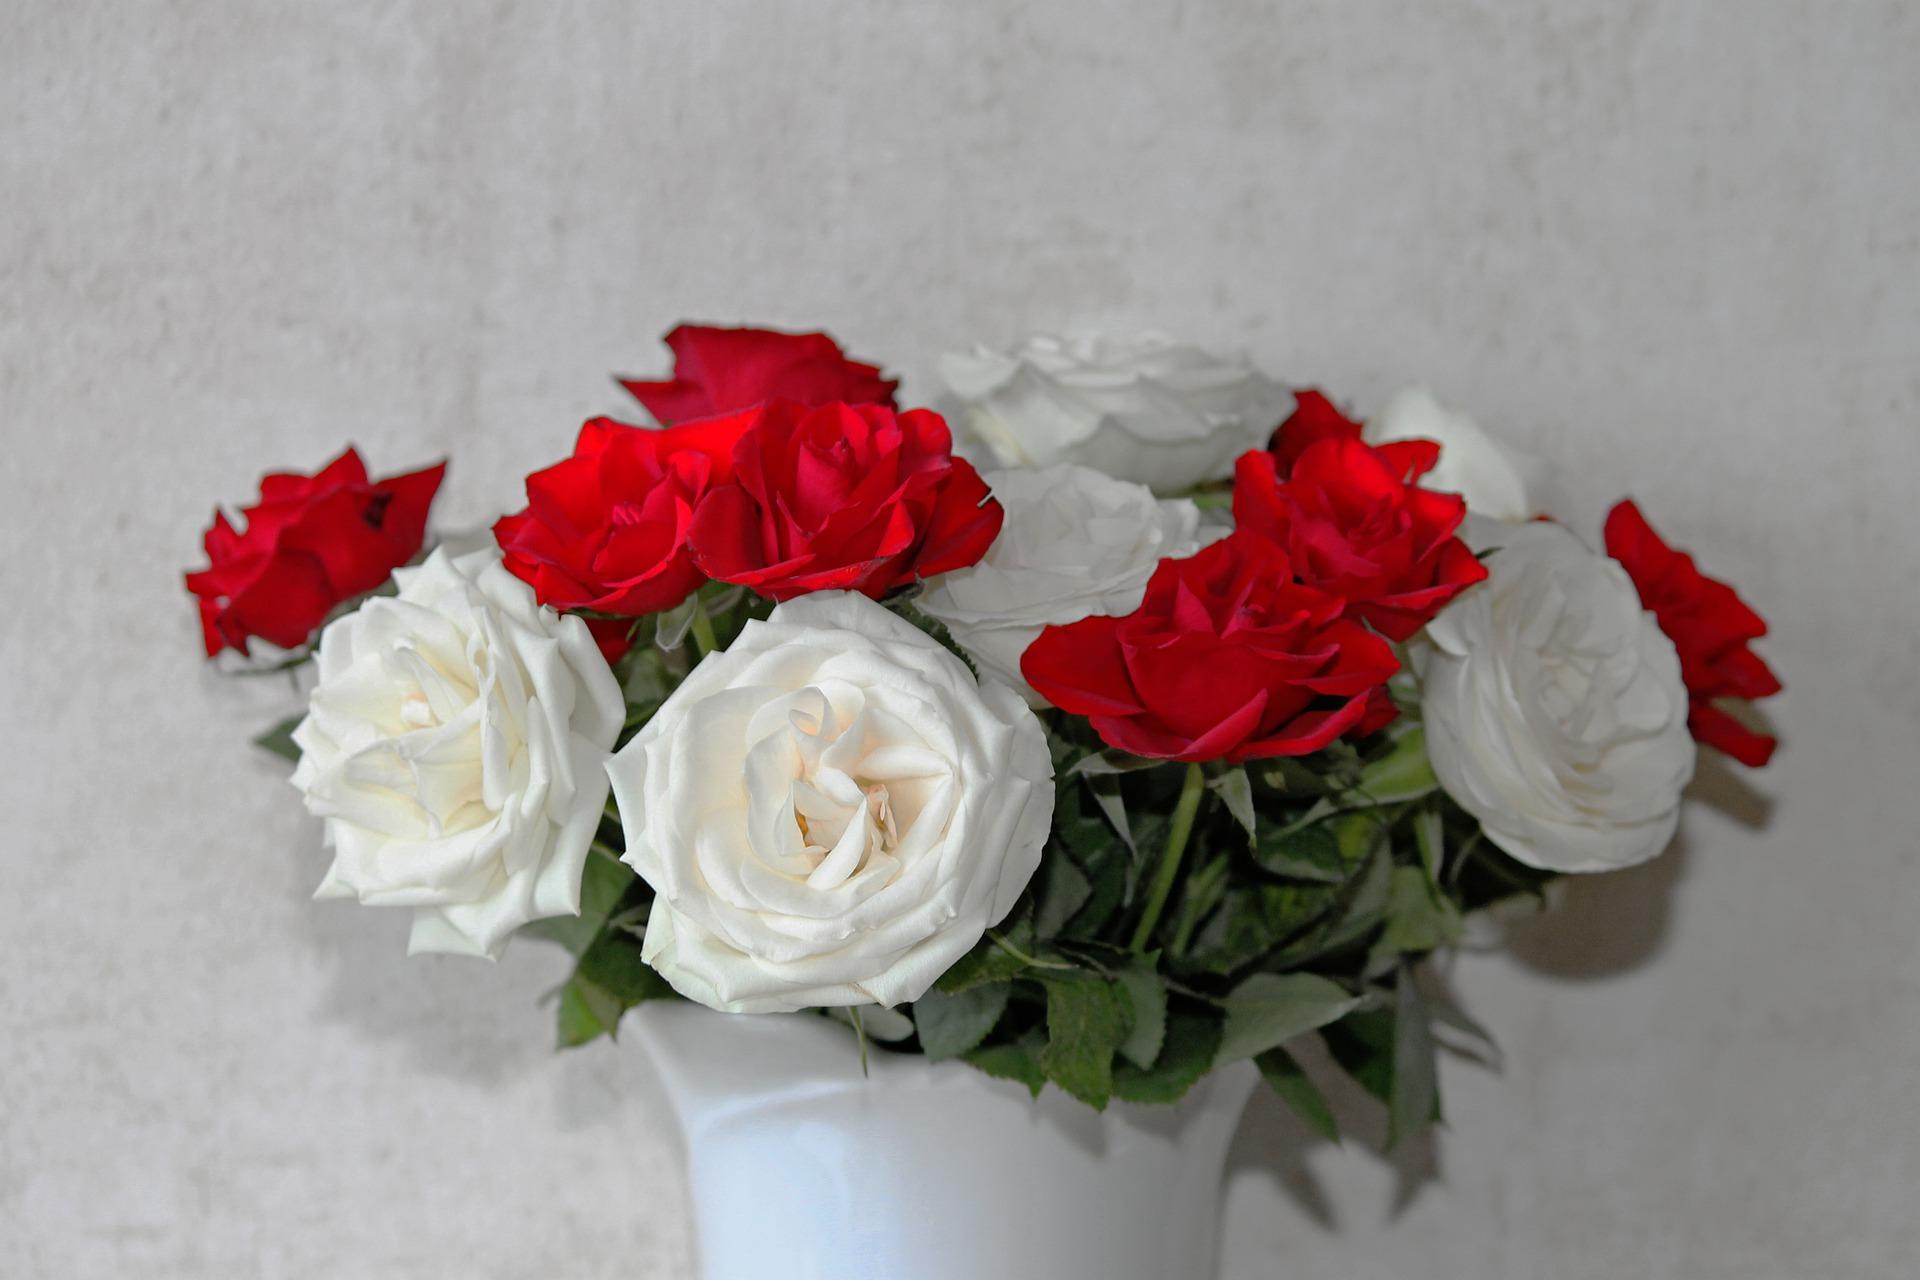 بالصور ورود الحب , اجمل الورود للحب 2389 10